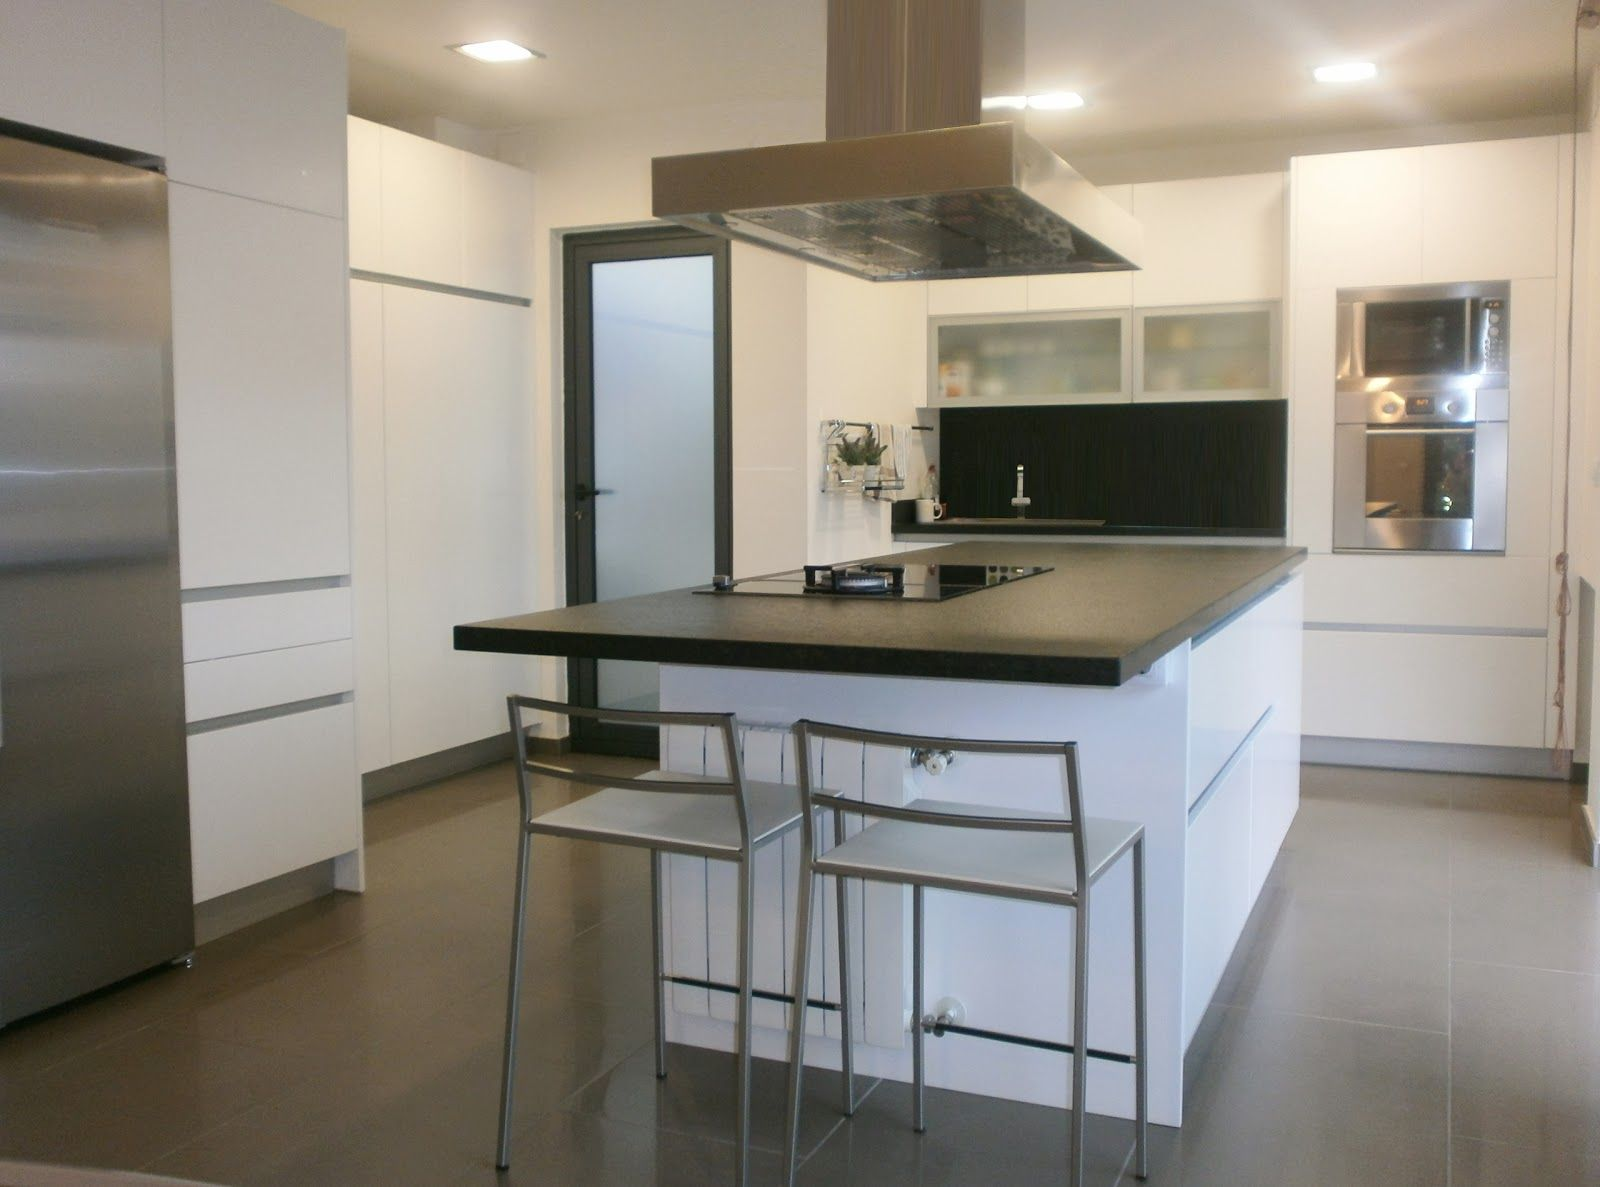 Granito negro y cocina blanca sobria y actual cocinas for Cocinas blancas con silestone